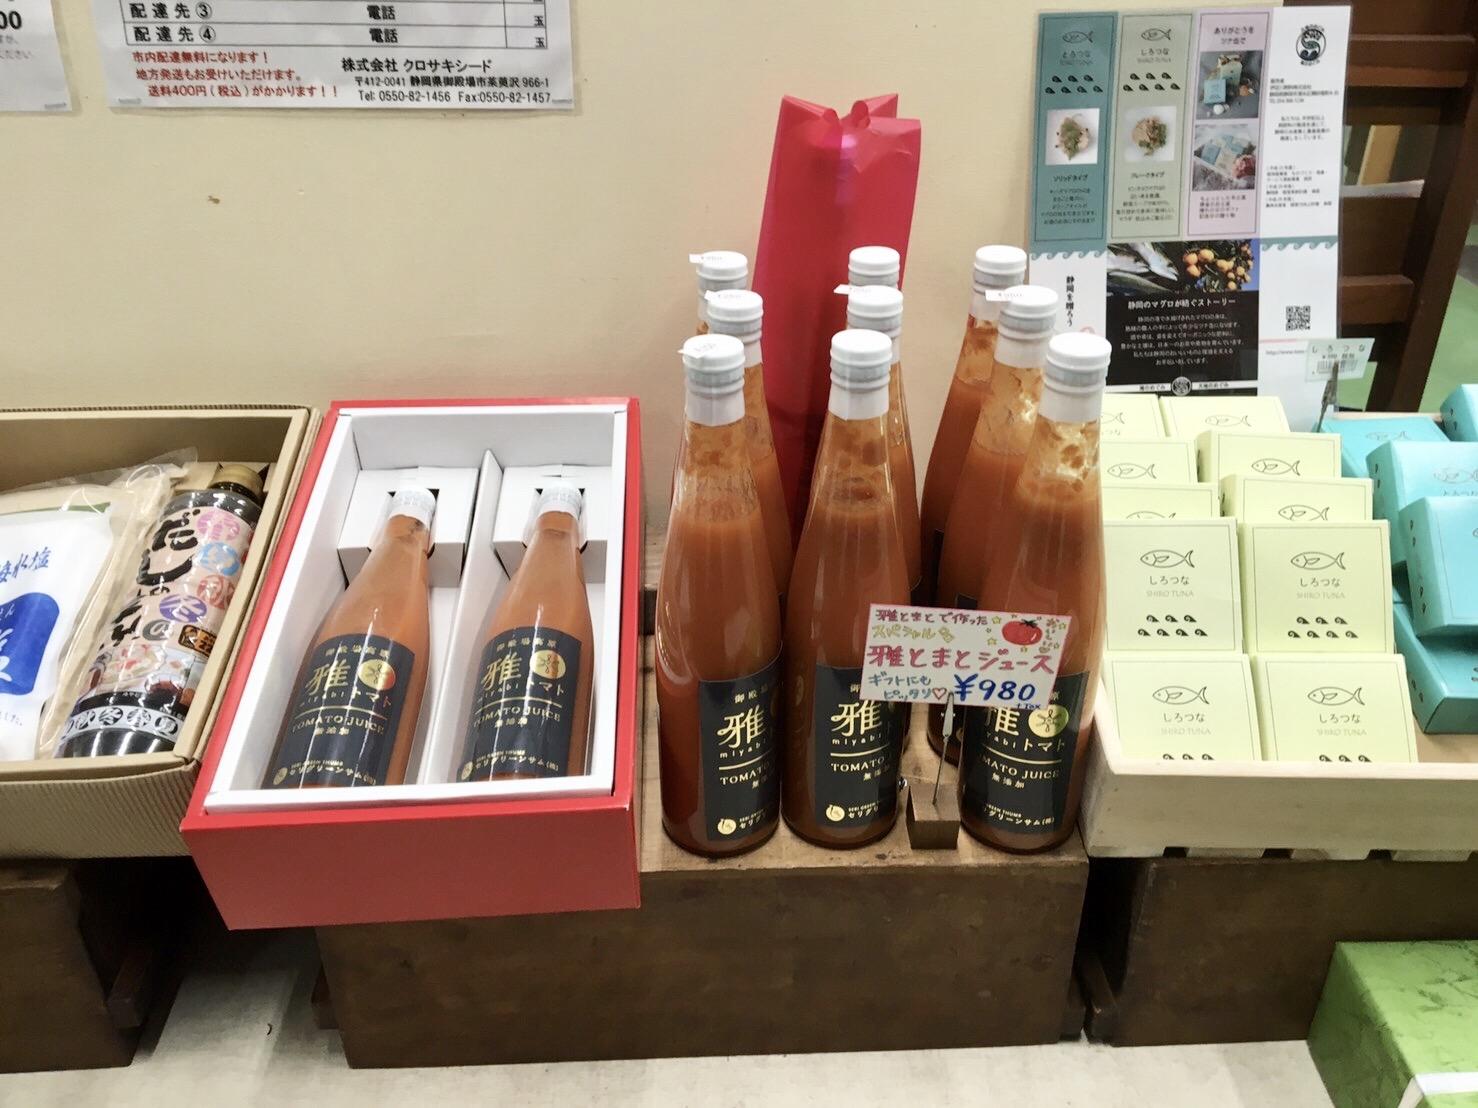 雅トマトジュースがクロサキシードさん店舗で購入できます(sold out)